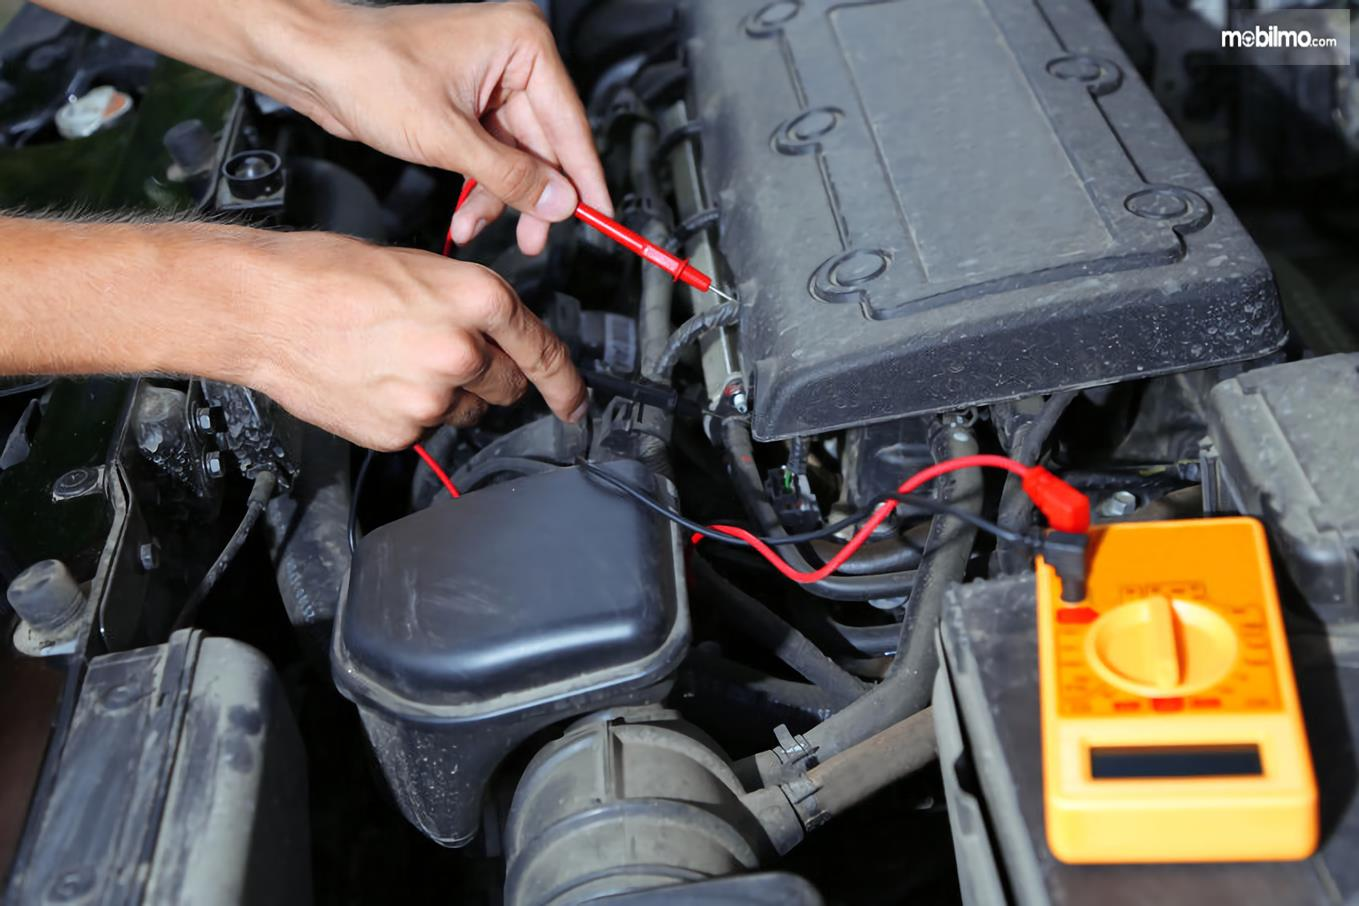 Tampak seorang mekanik sedang mengetes koil mati atau tidak dengan voltmeter